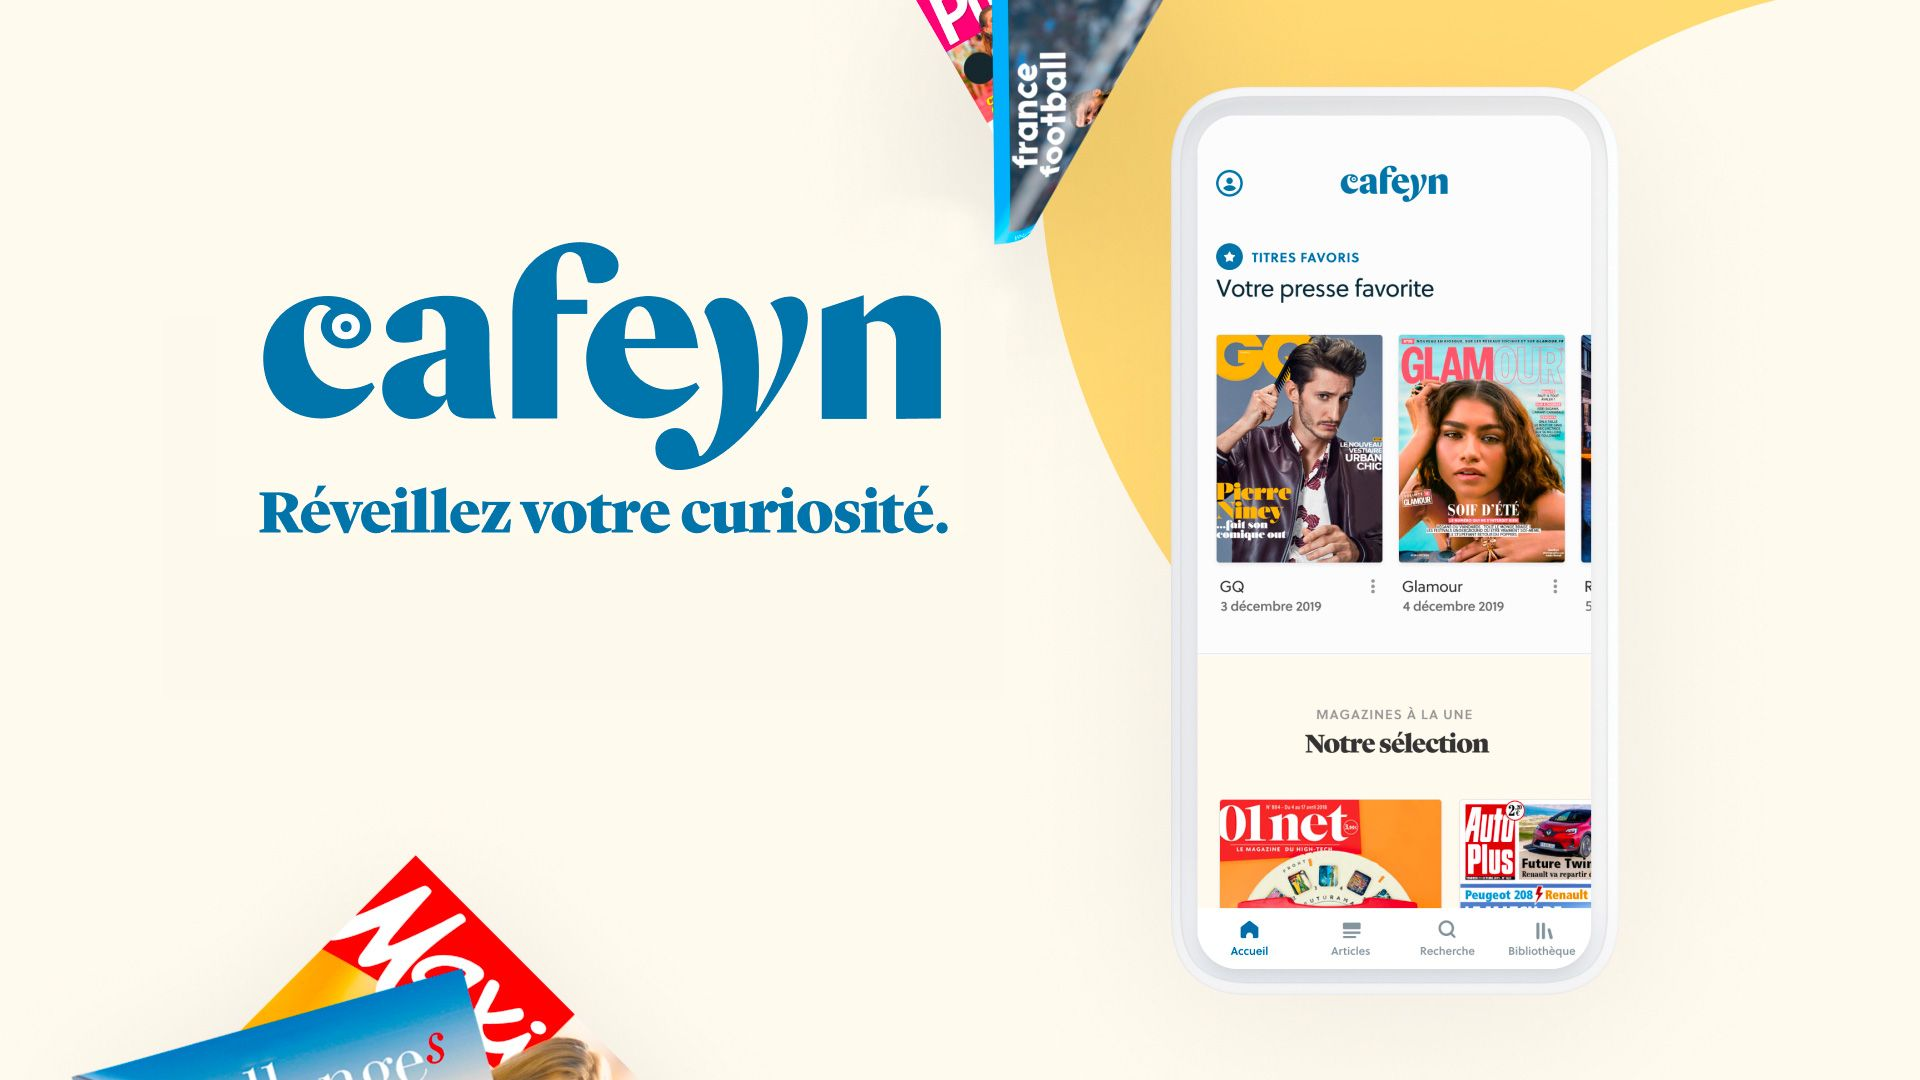 Profitez de la presse en illimité avec Cafeyn - Espace Client CANAL+